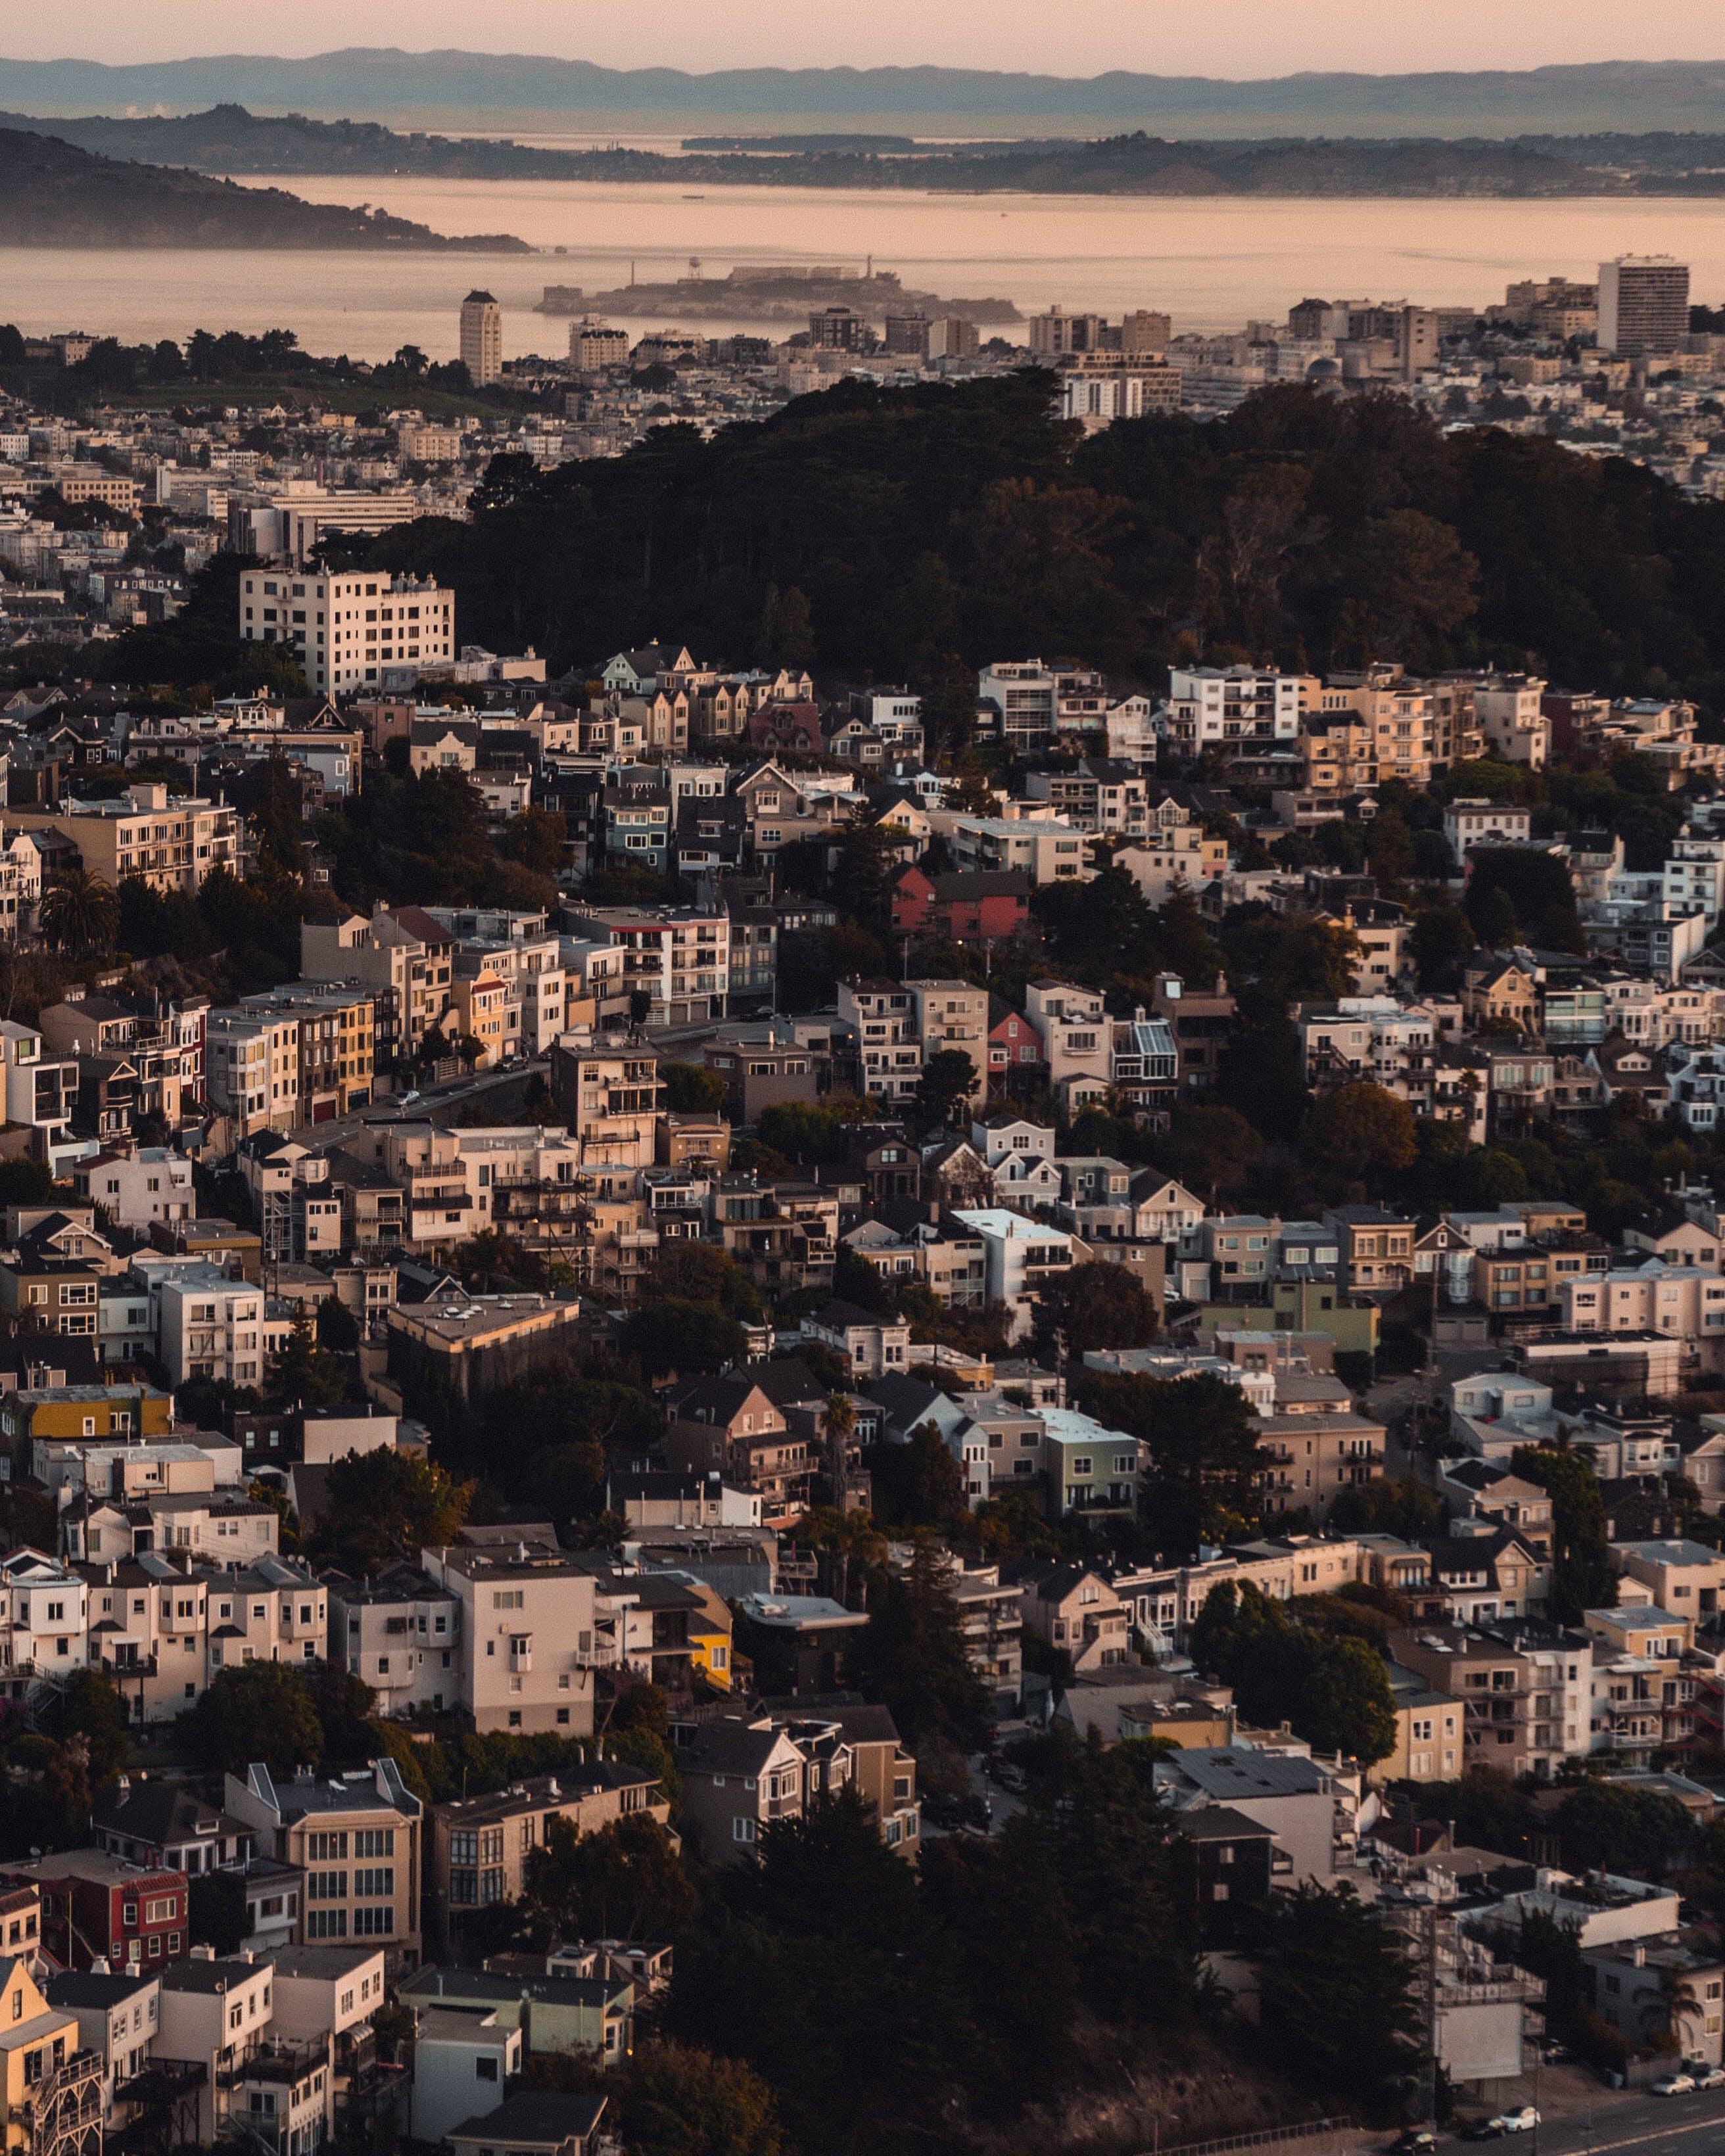 Kostenloses Stock Foto zu architektur, gebäude, goldene stunde, häuser